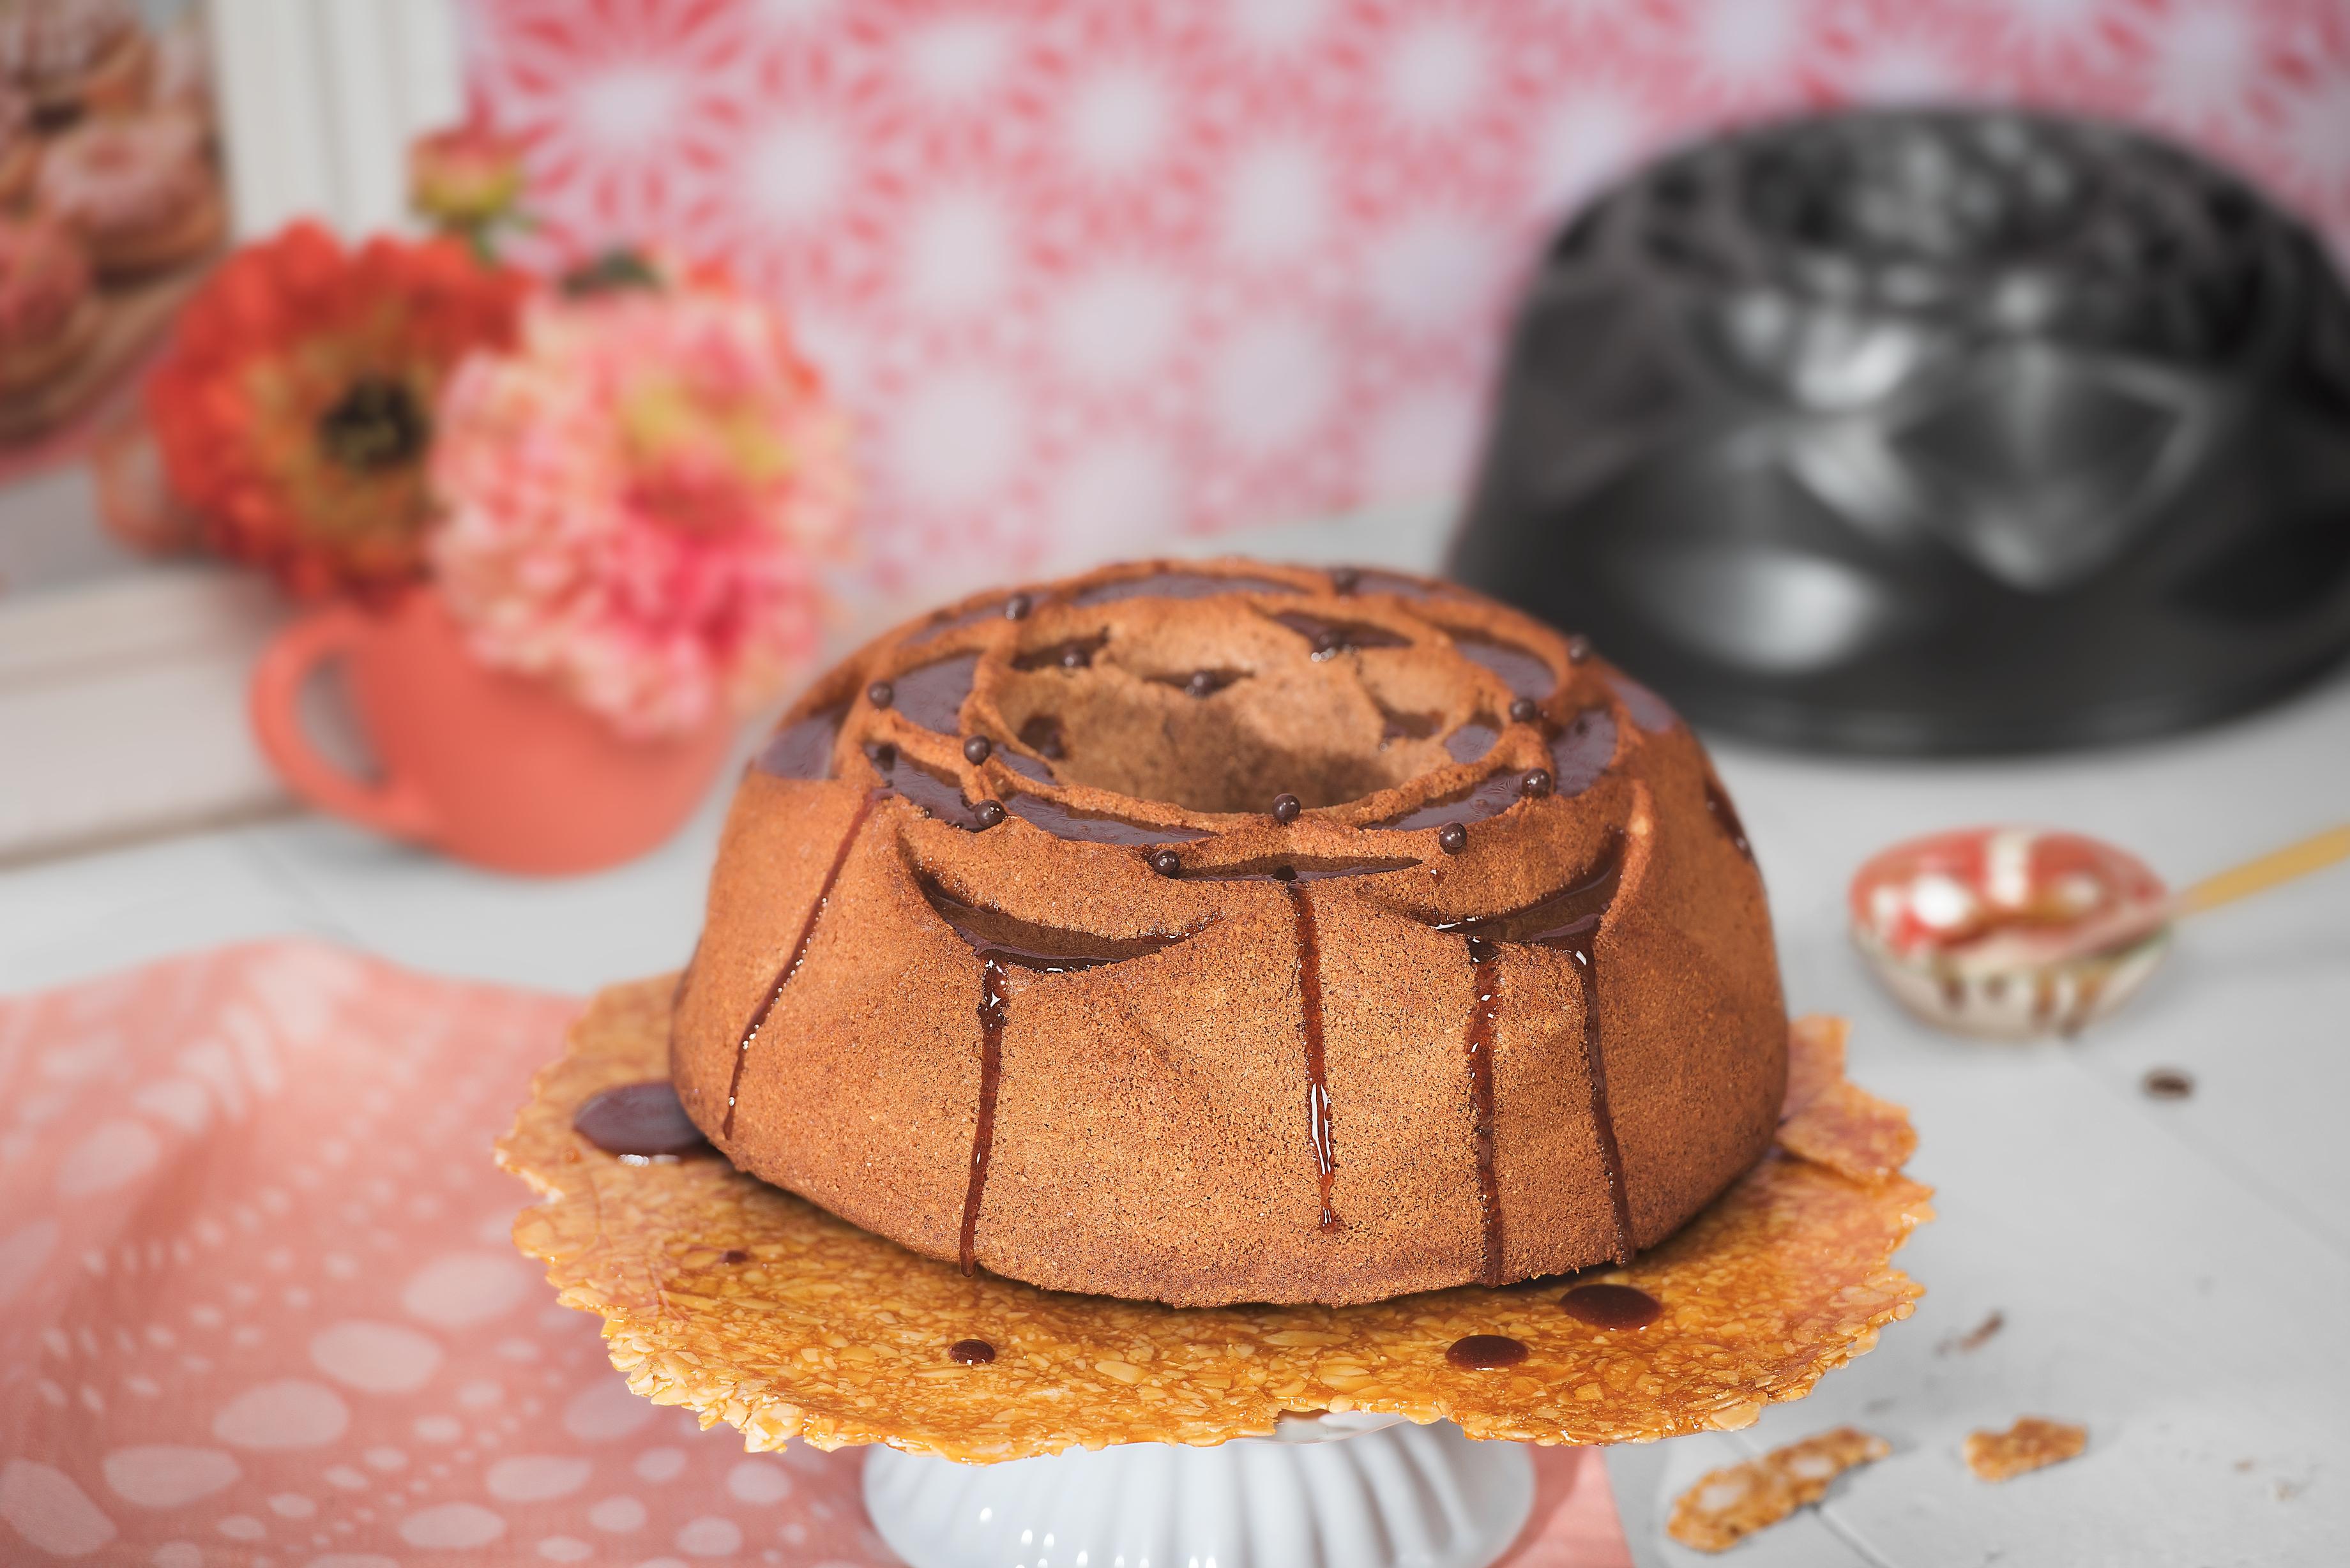 Kaiser Twister Borulu 25cm Kek Kalıbı: İlham dolu kekler ve pastalar